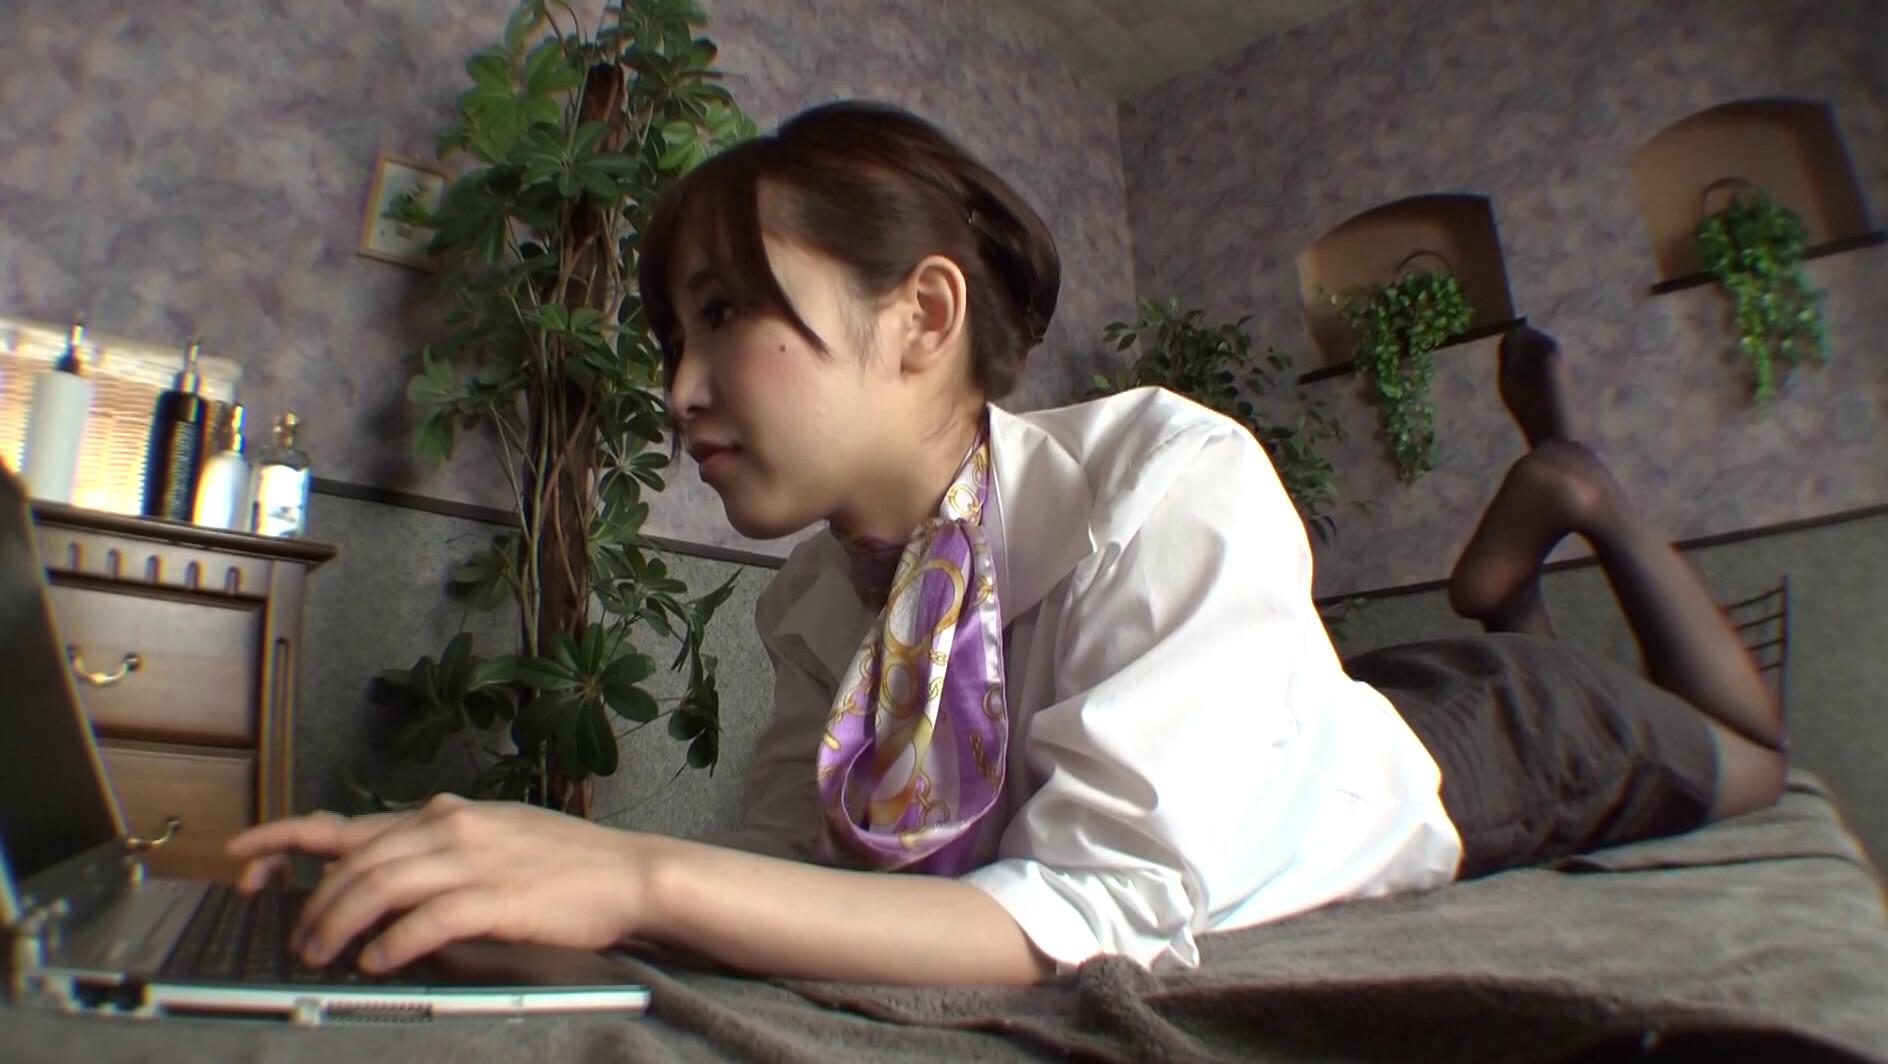 職業別パンストレディー3 ~働くお姉さんのパンストの匂い~ 仕事でムレムレのパンストで誘惑してくるお姉さんにそそられフル勃起する僕。オマ○コの匂いがするパンティストッキングの感触に思わず発射しちゃいました! 篠田ゆう 画像20